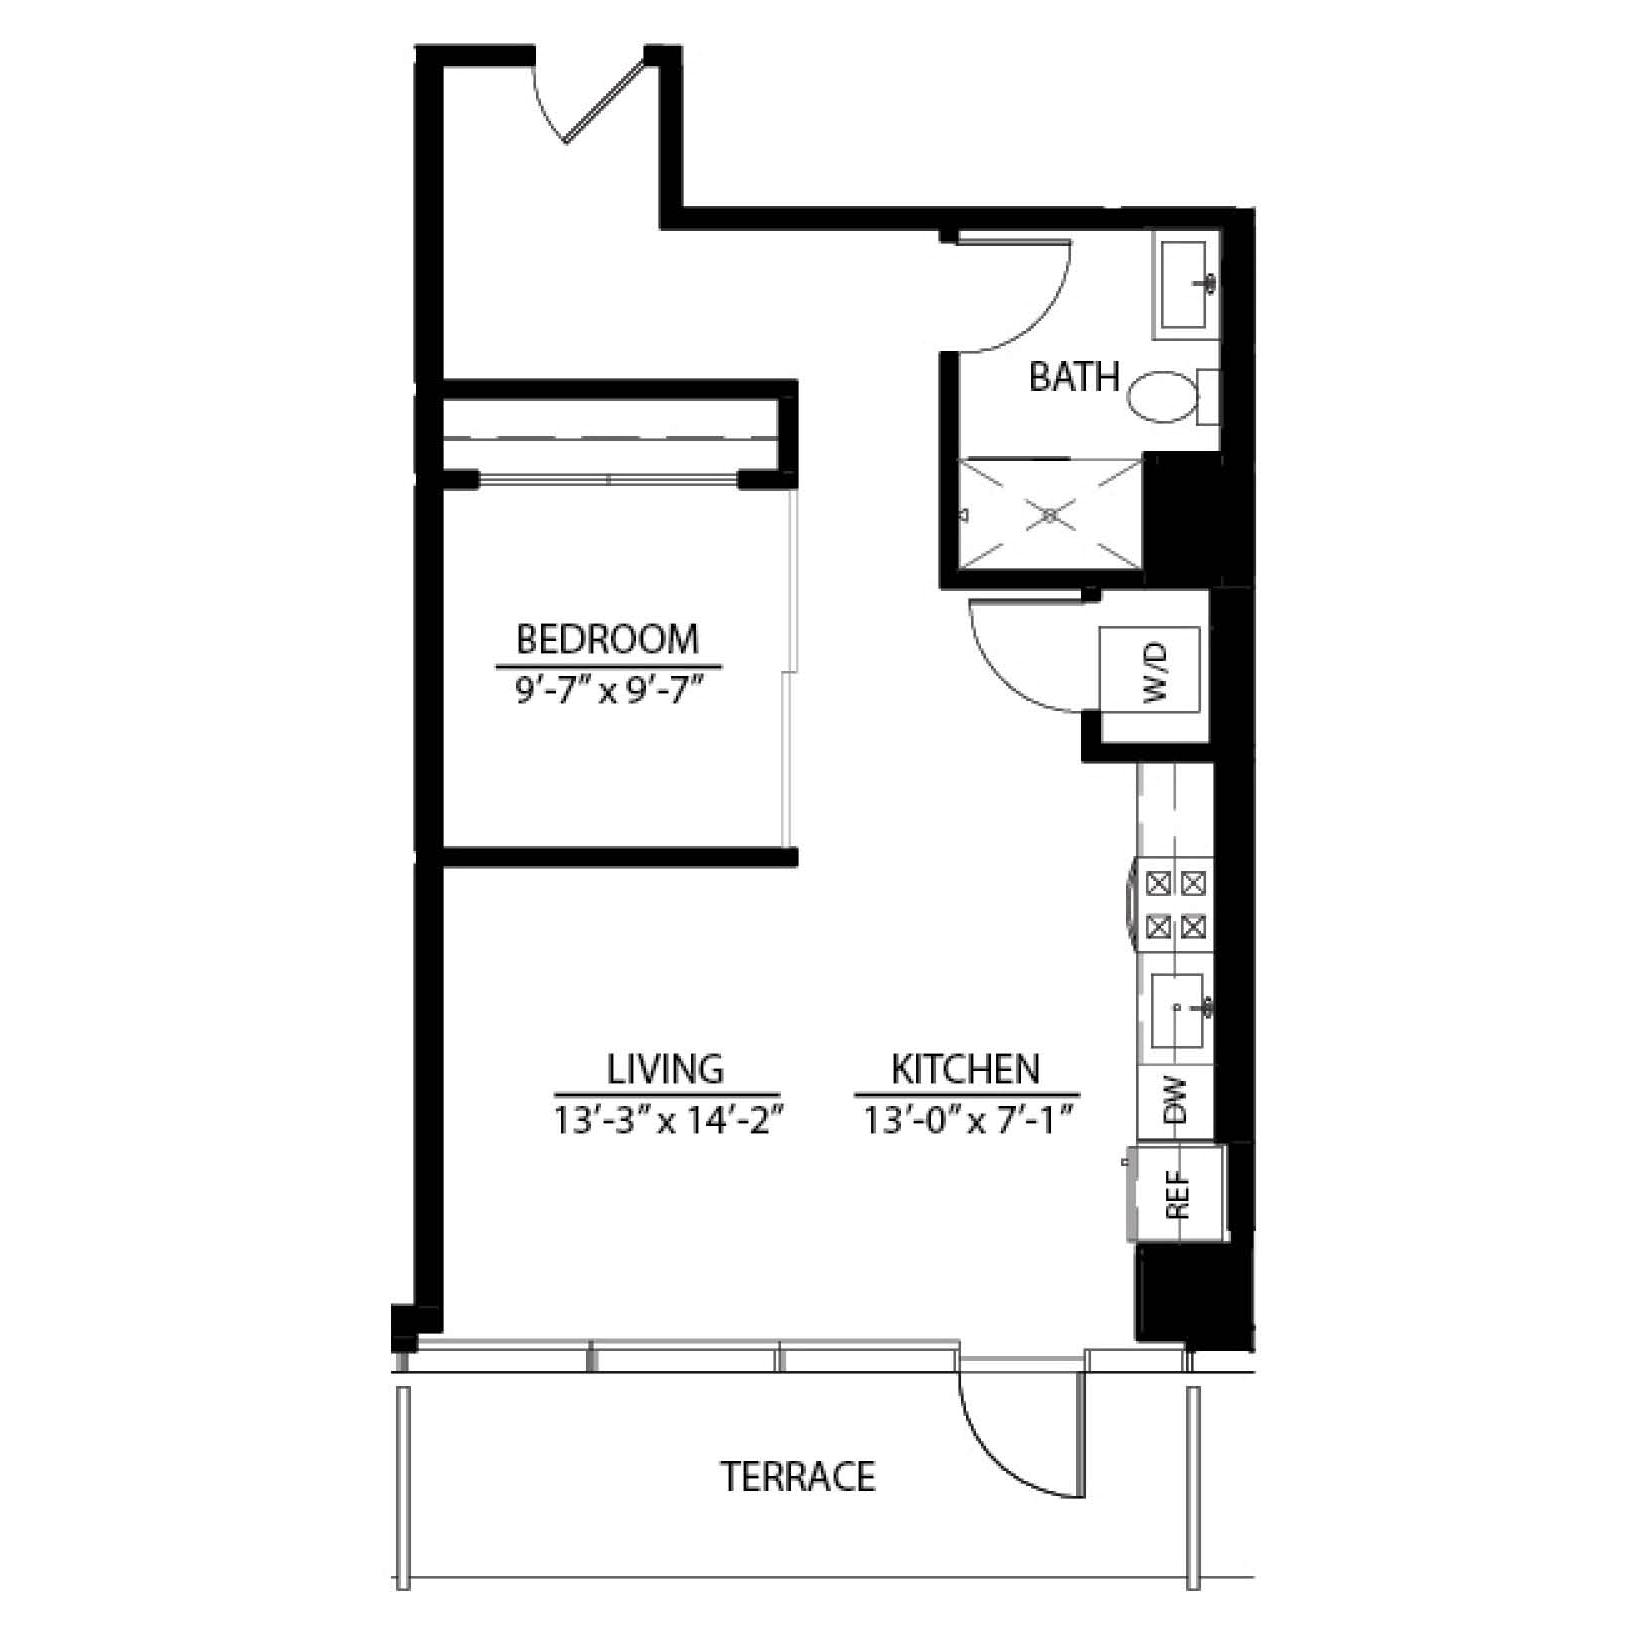 One Bedroom Terrace X floor plan